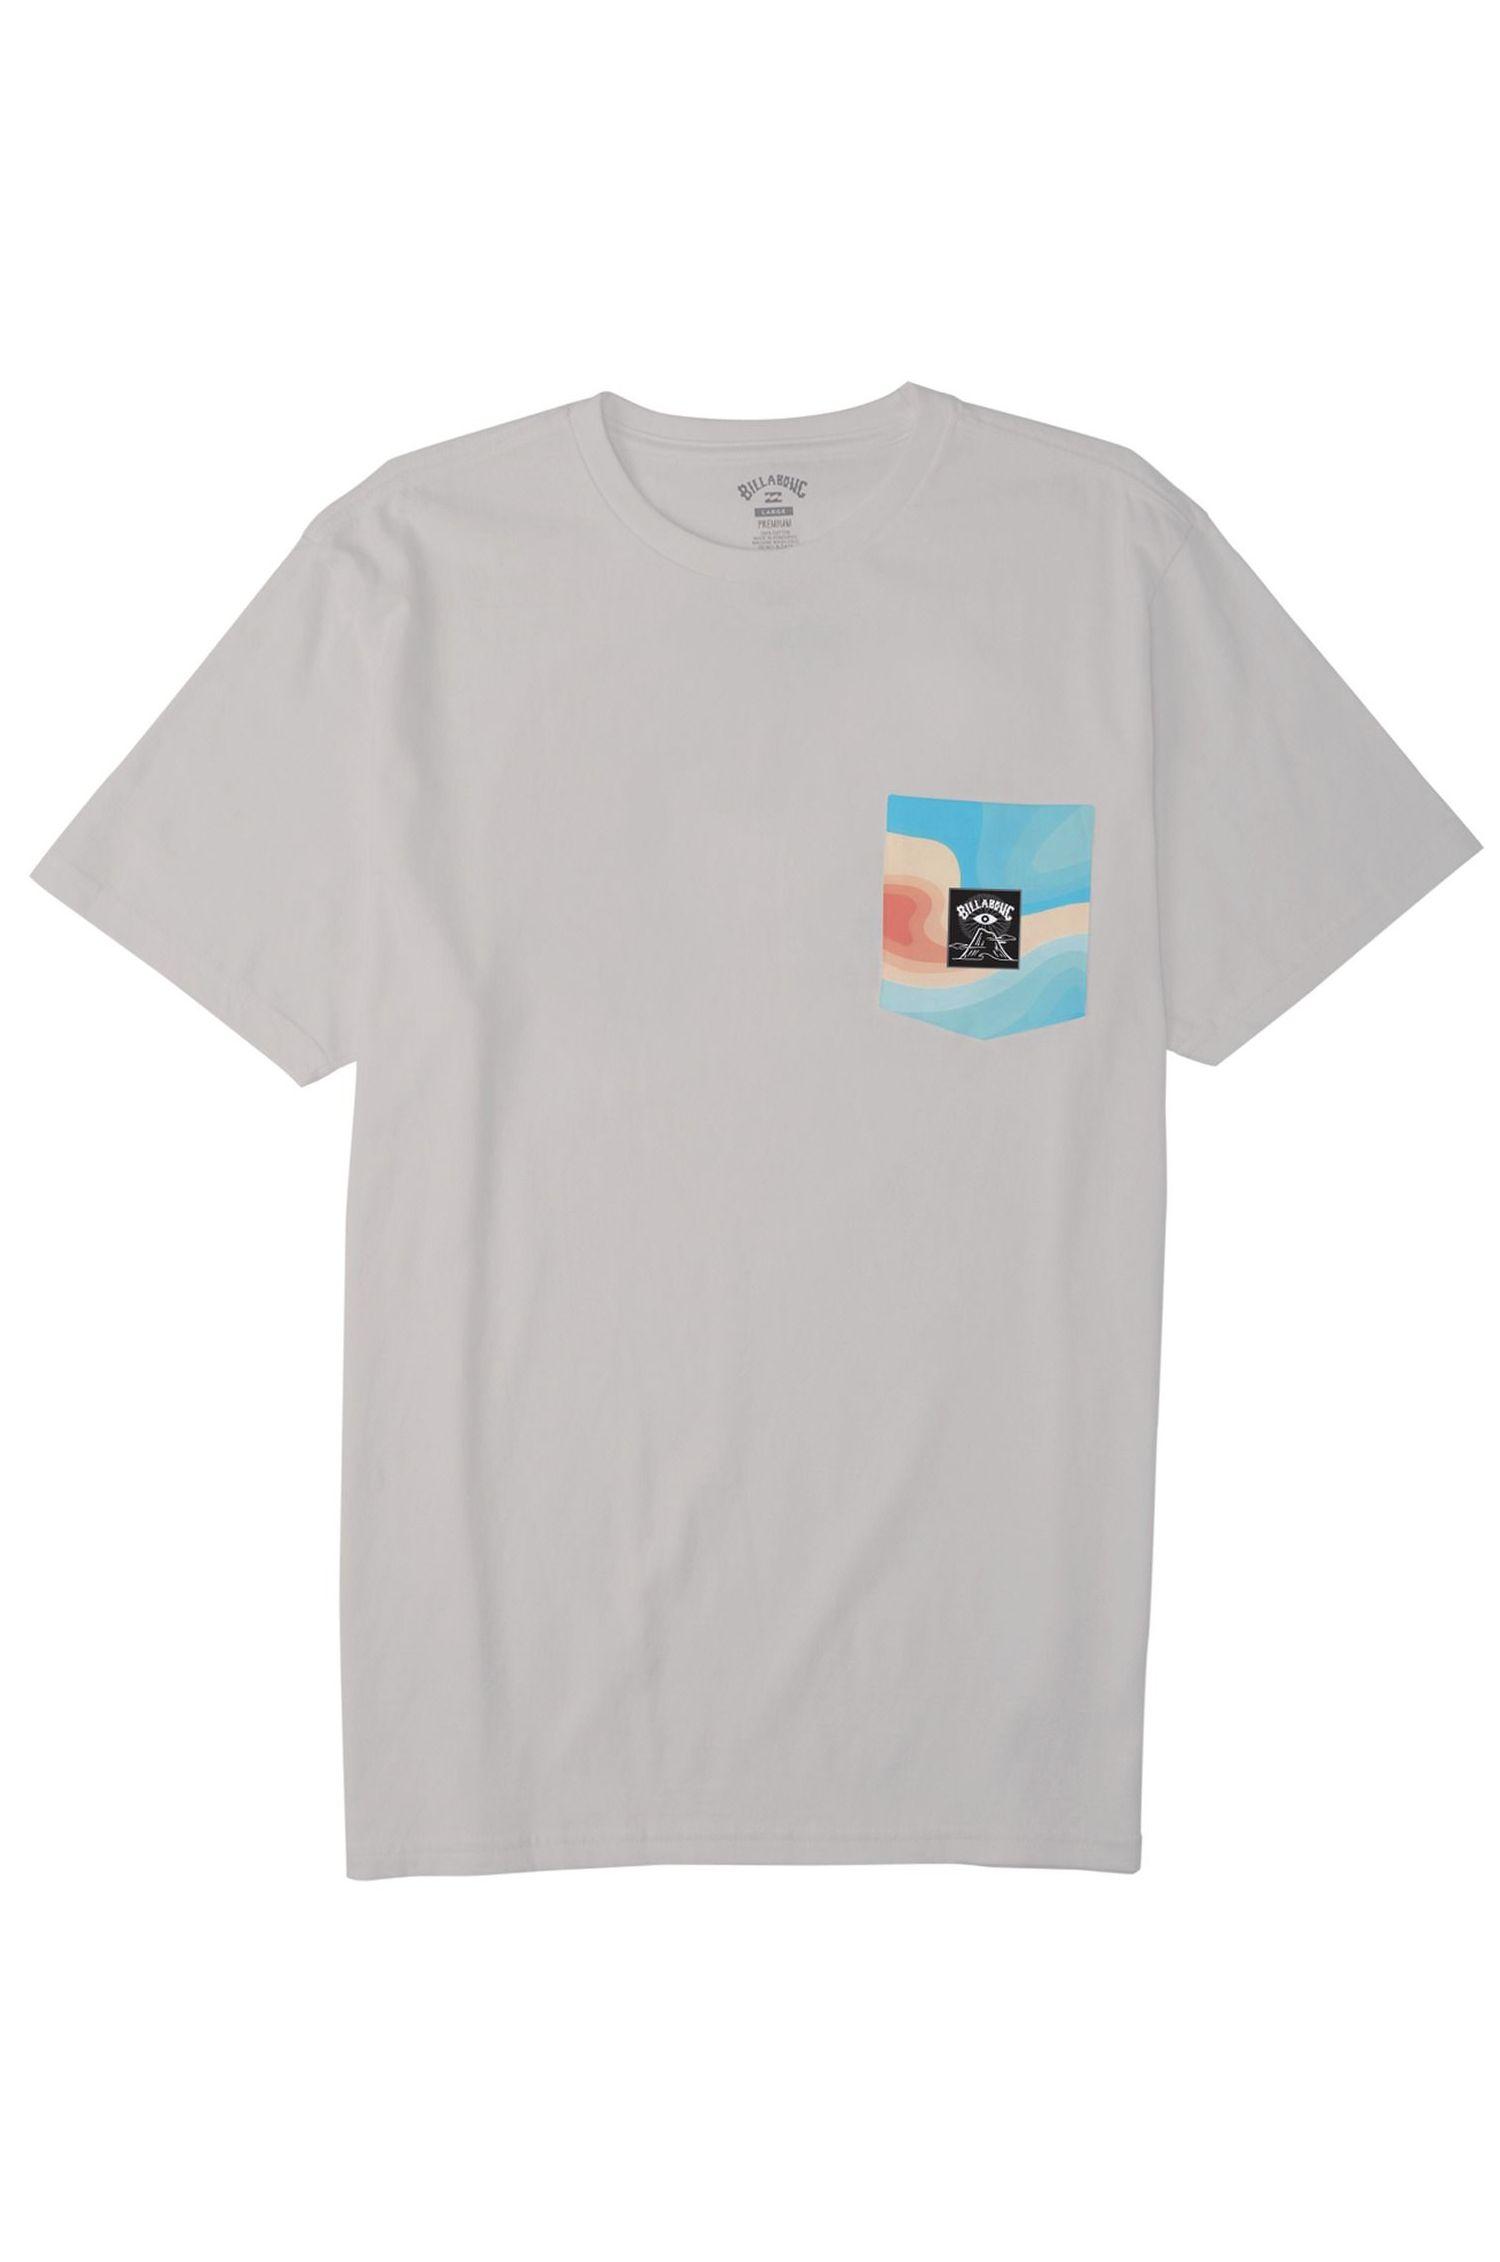 T-Shirt Billabong DESERT TRIP SS ADIV CHRIS BURKARD Chino